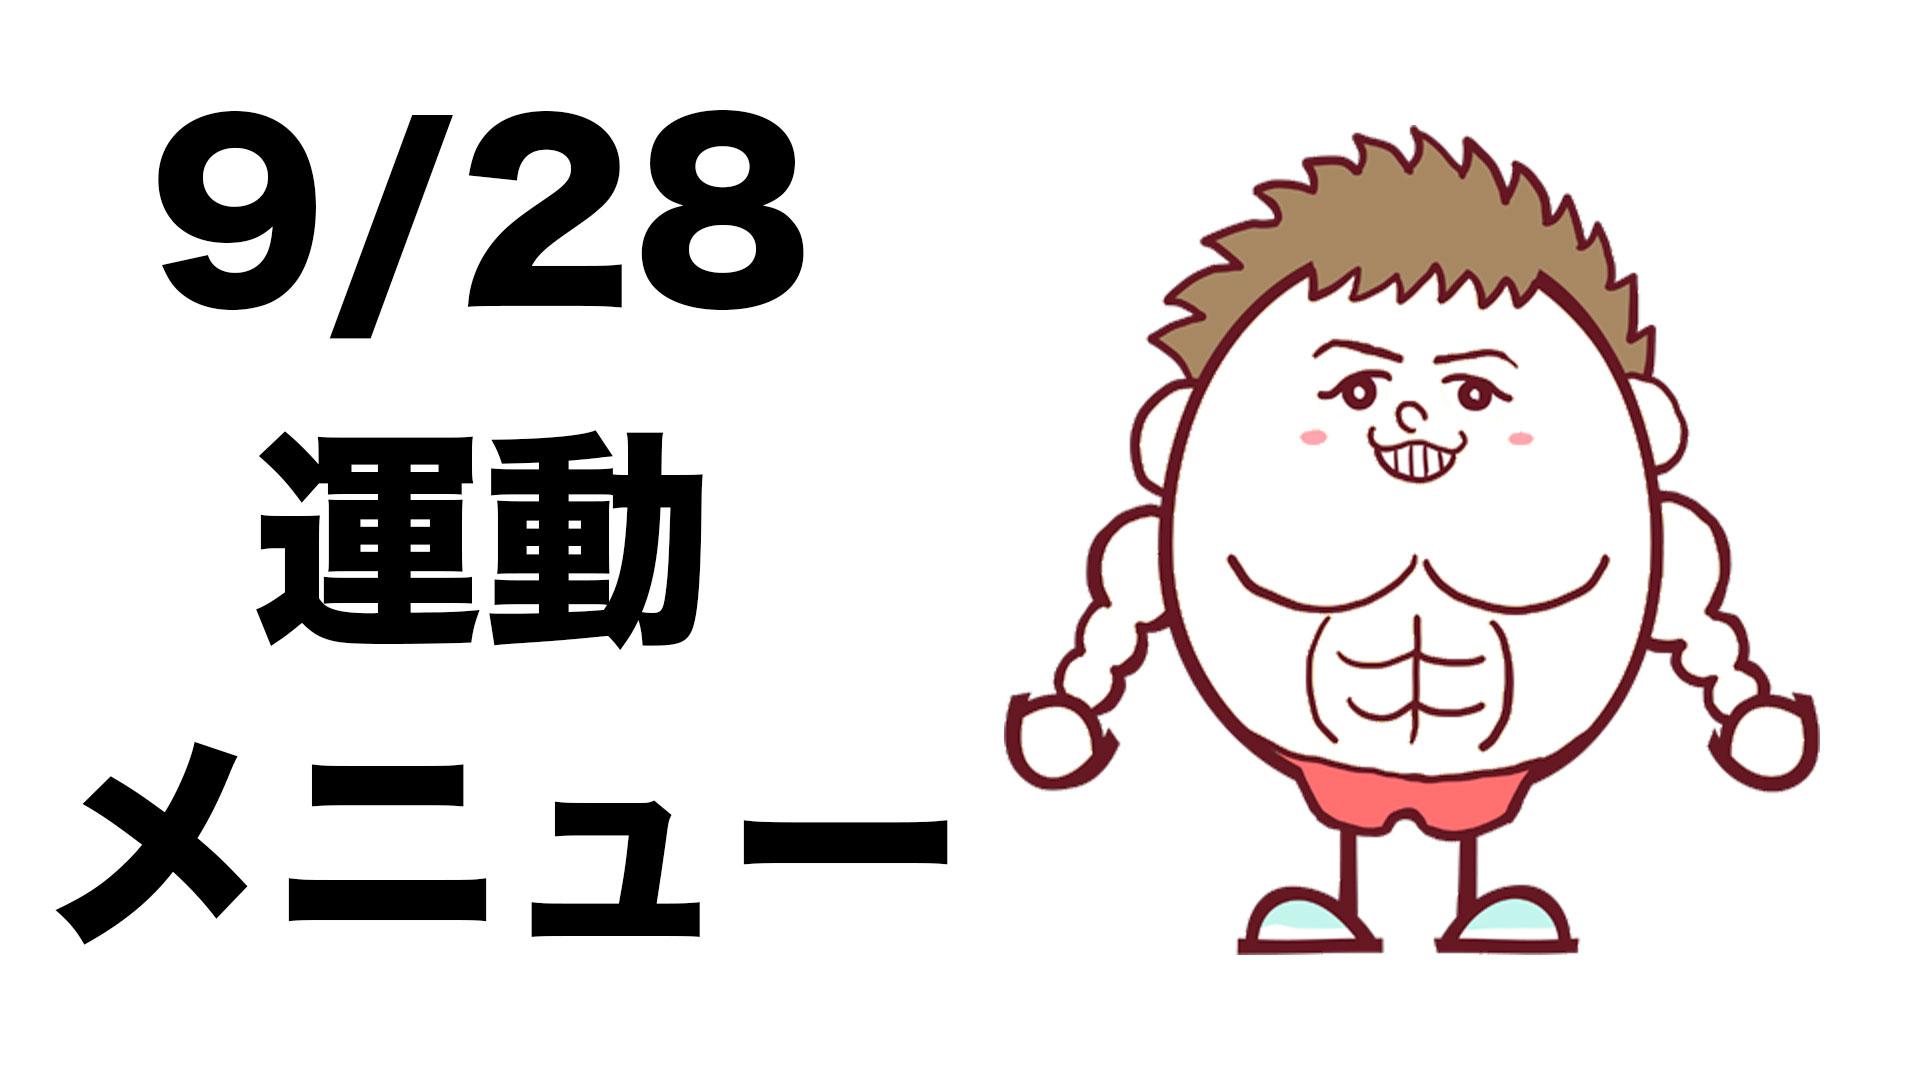 【ハロウィン筋トレ】9/28の腹筋を割る運動メニュー!